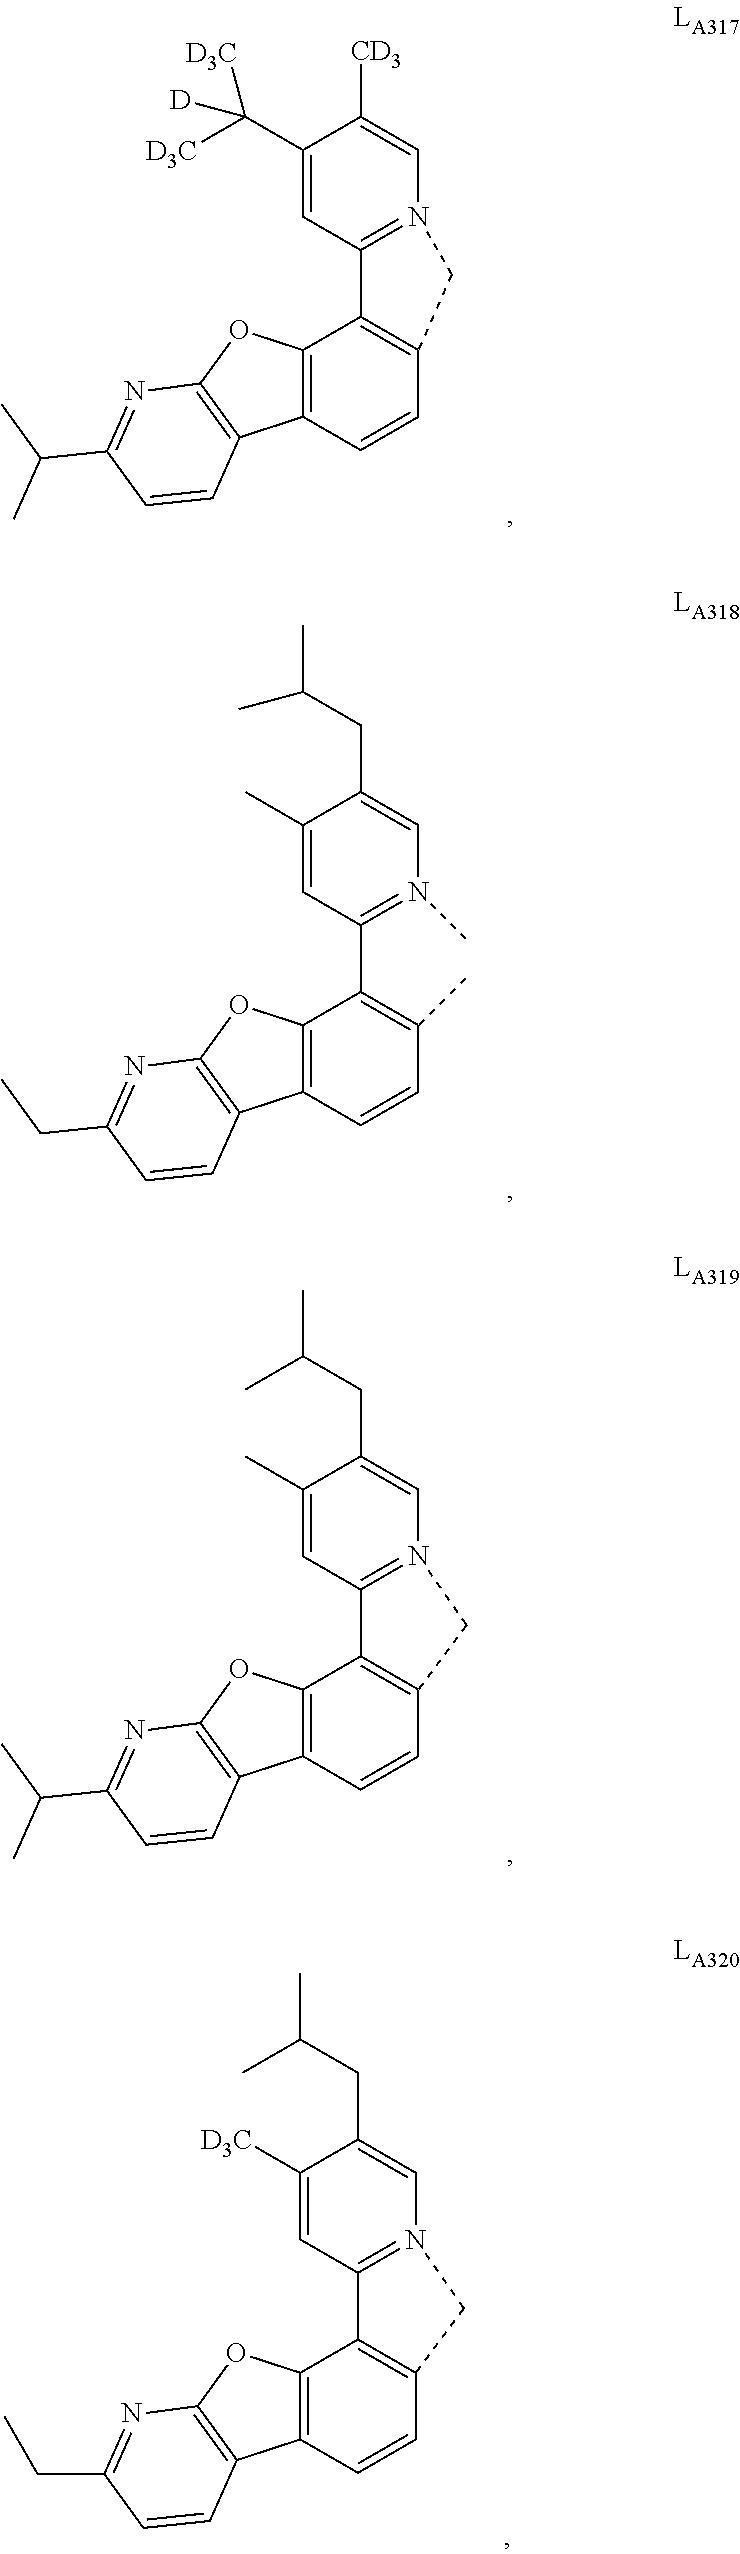 Figure US20160049599A1-20160218-C00467